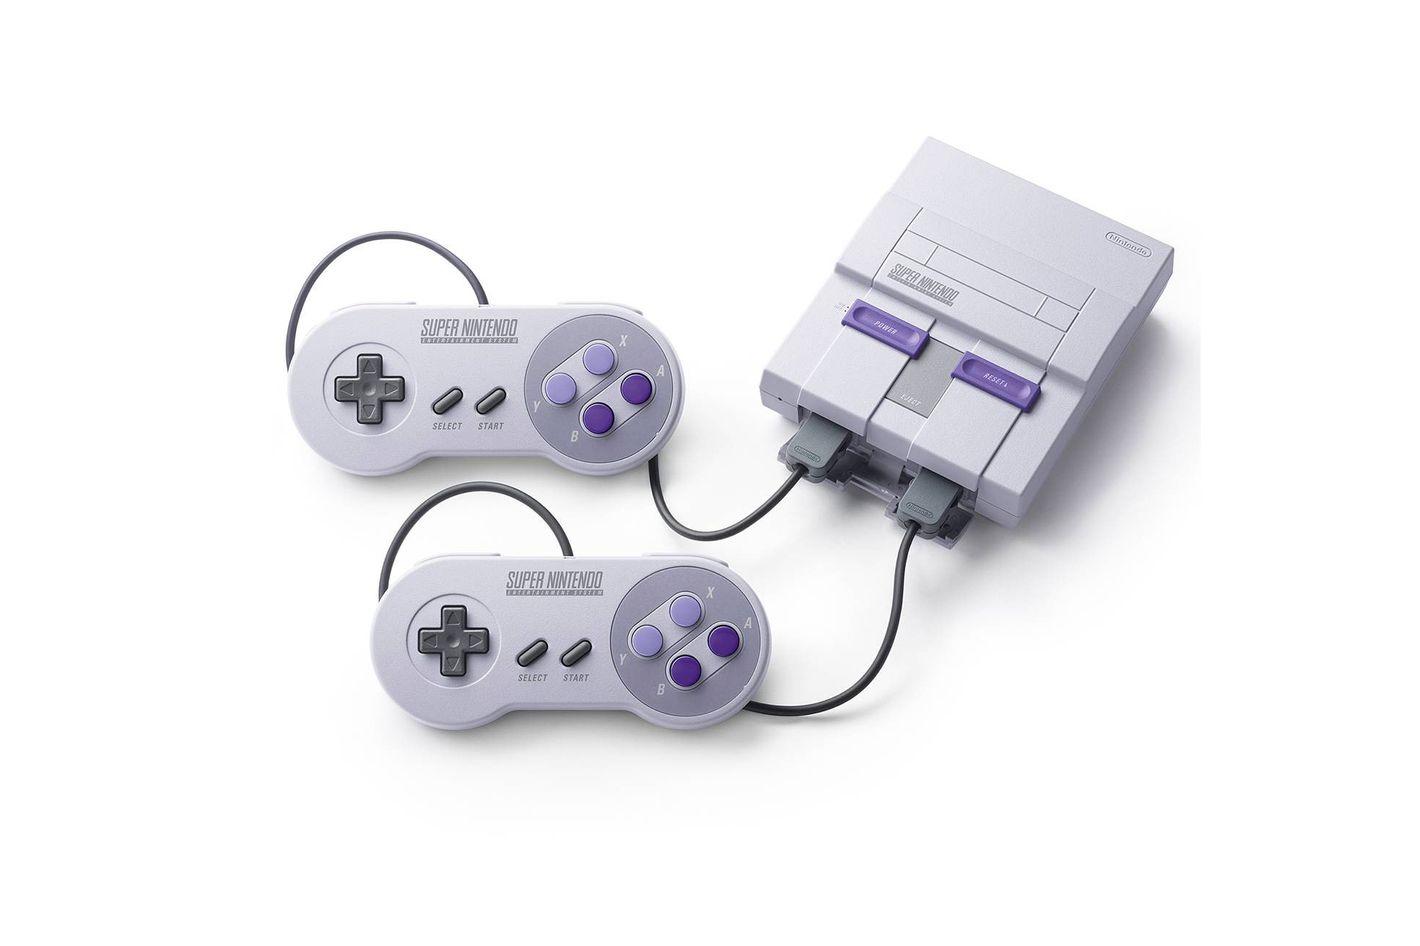 Super NES Classic